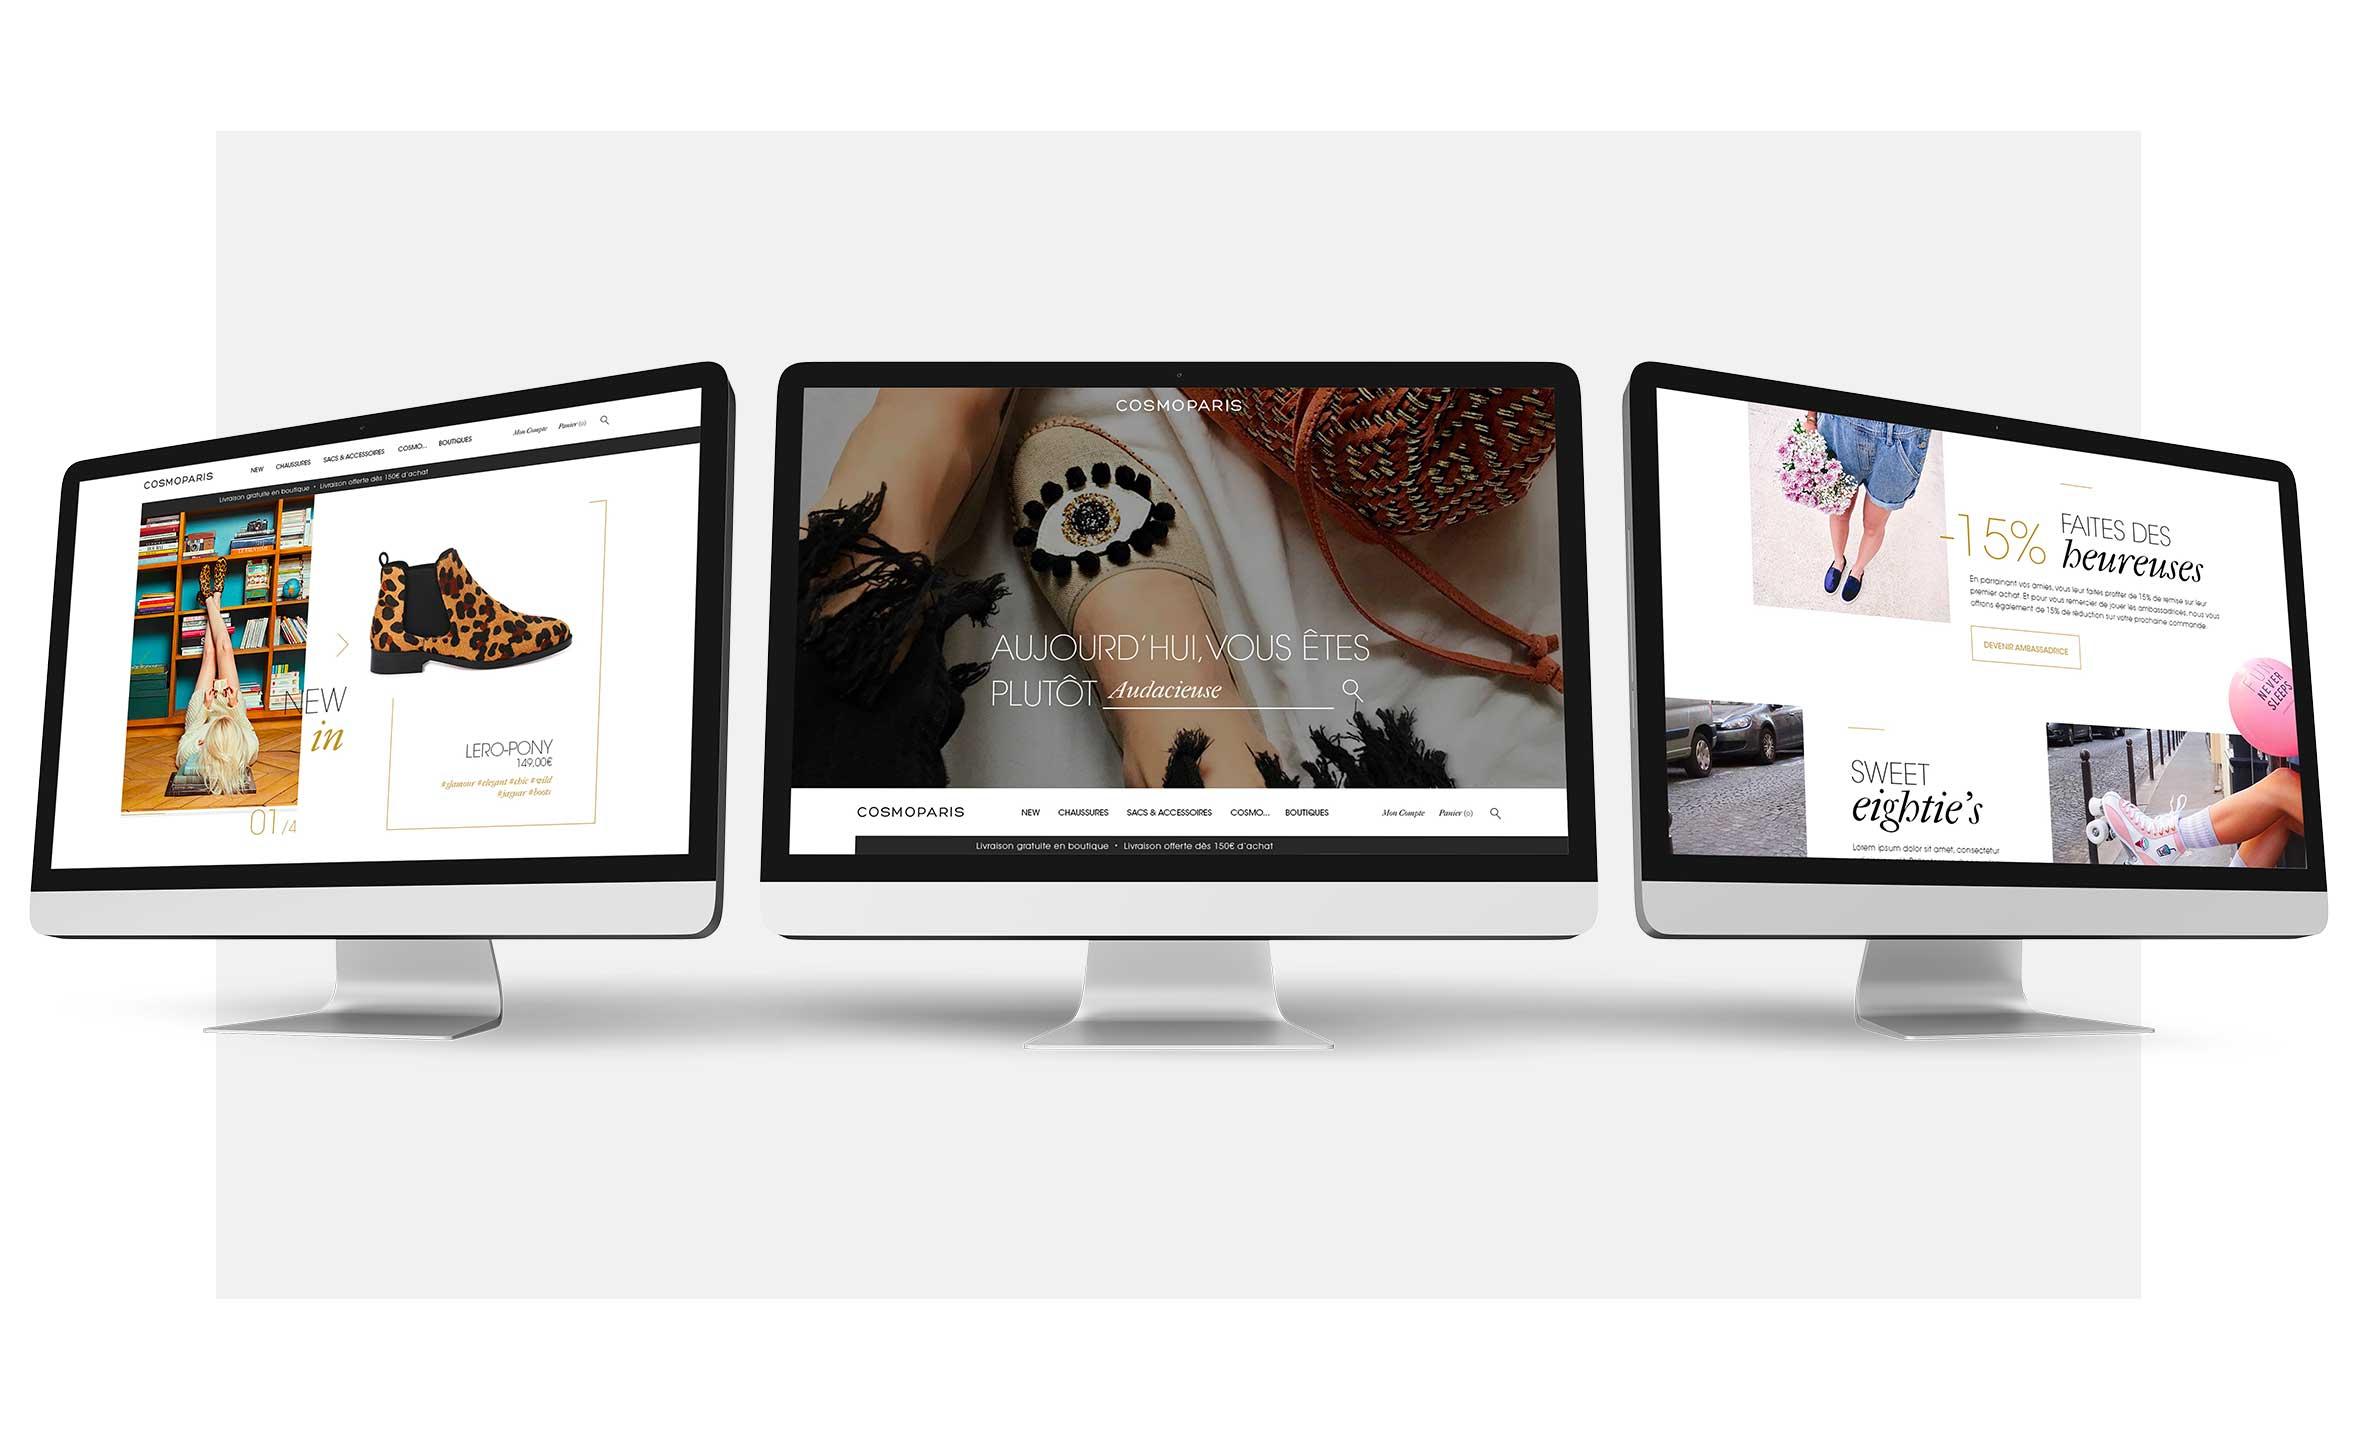 Claudia Berger Webdesign Cosmoparis